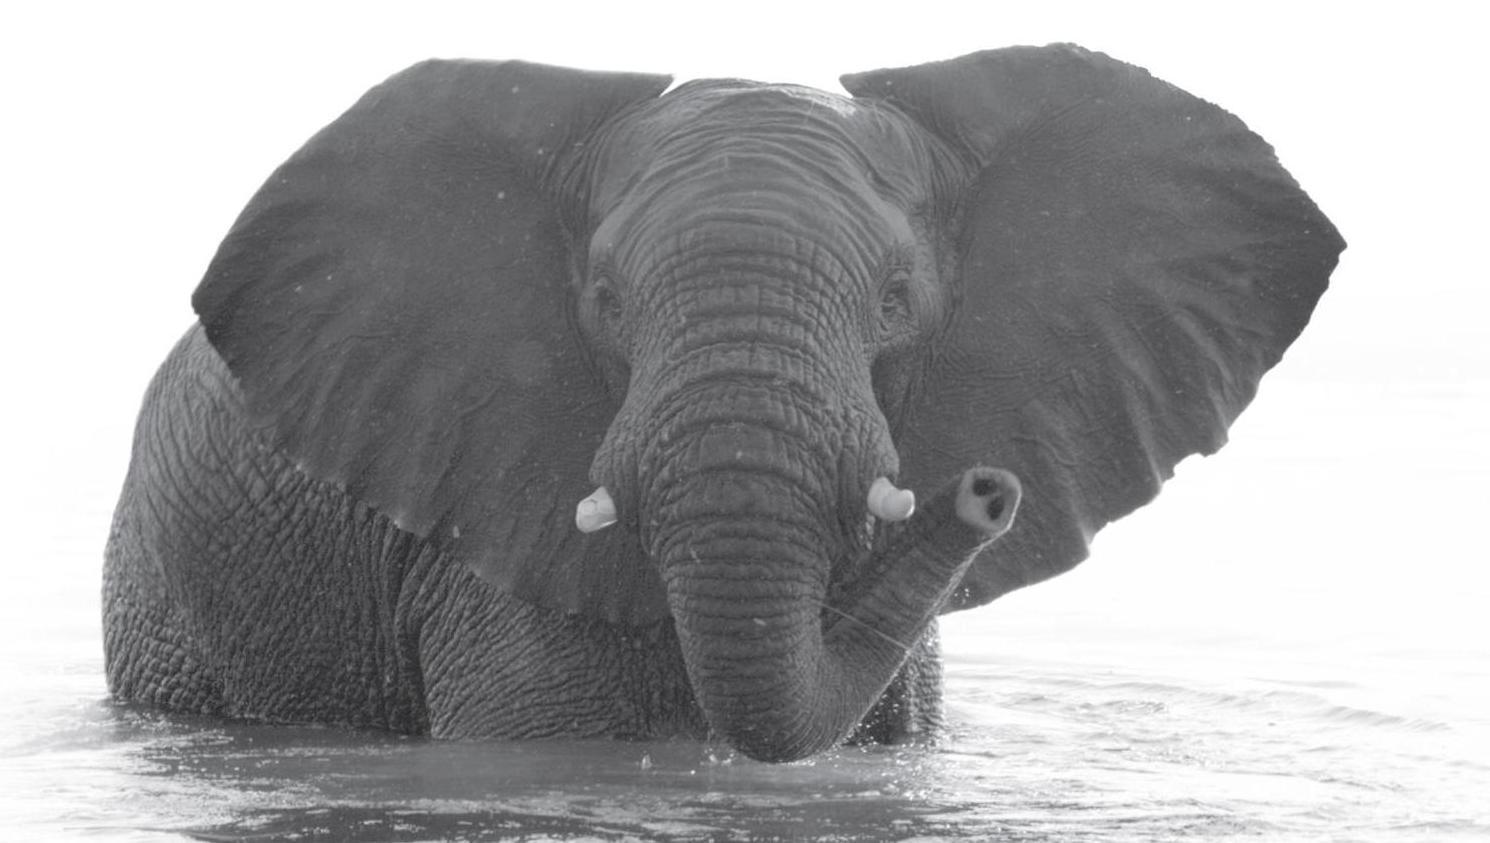 Elephant. Credit Jason Cheng